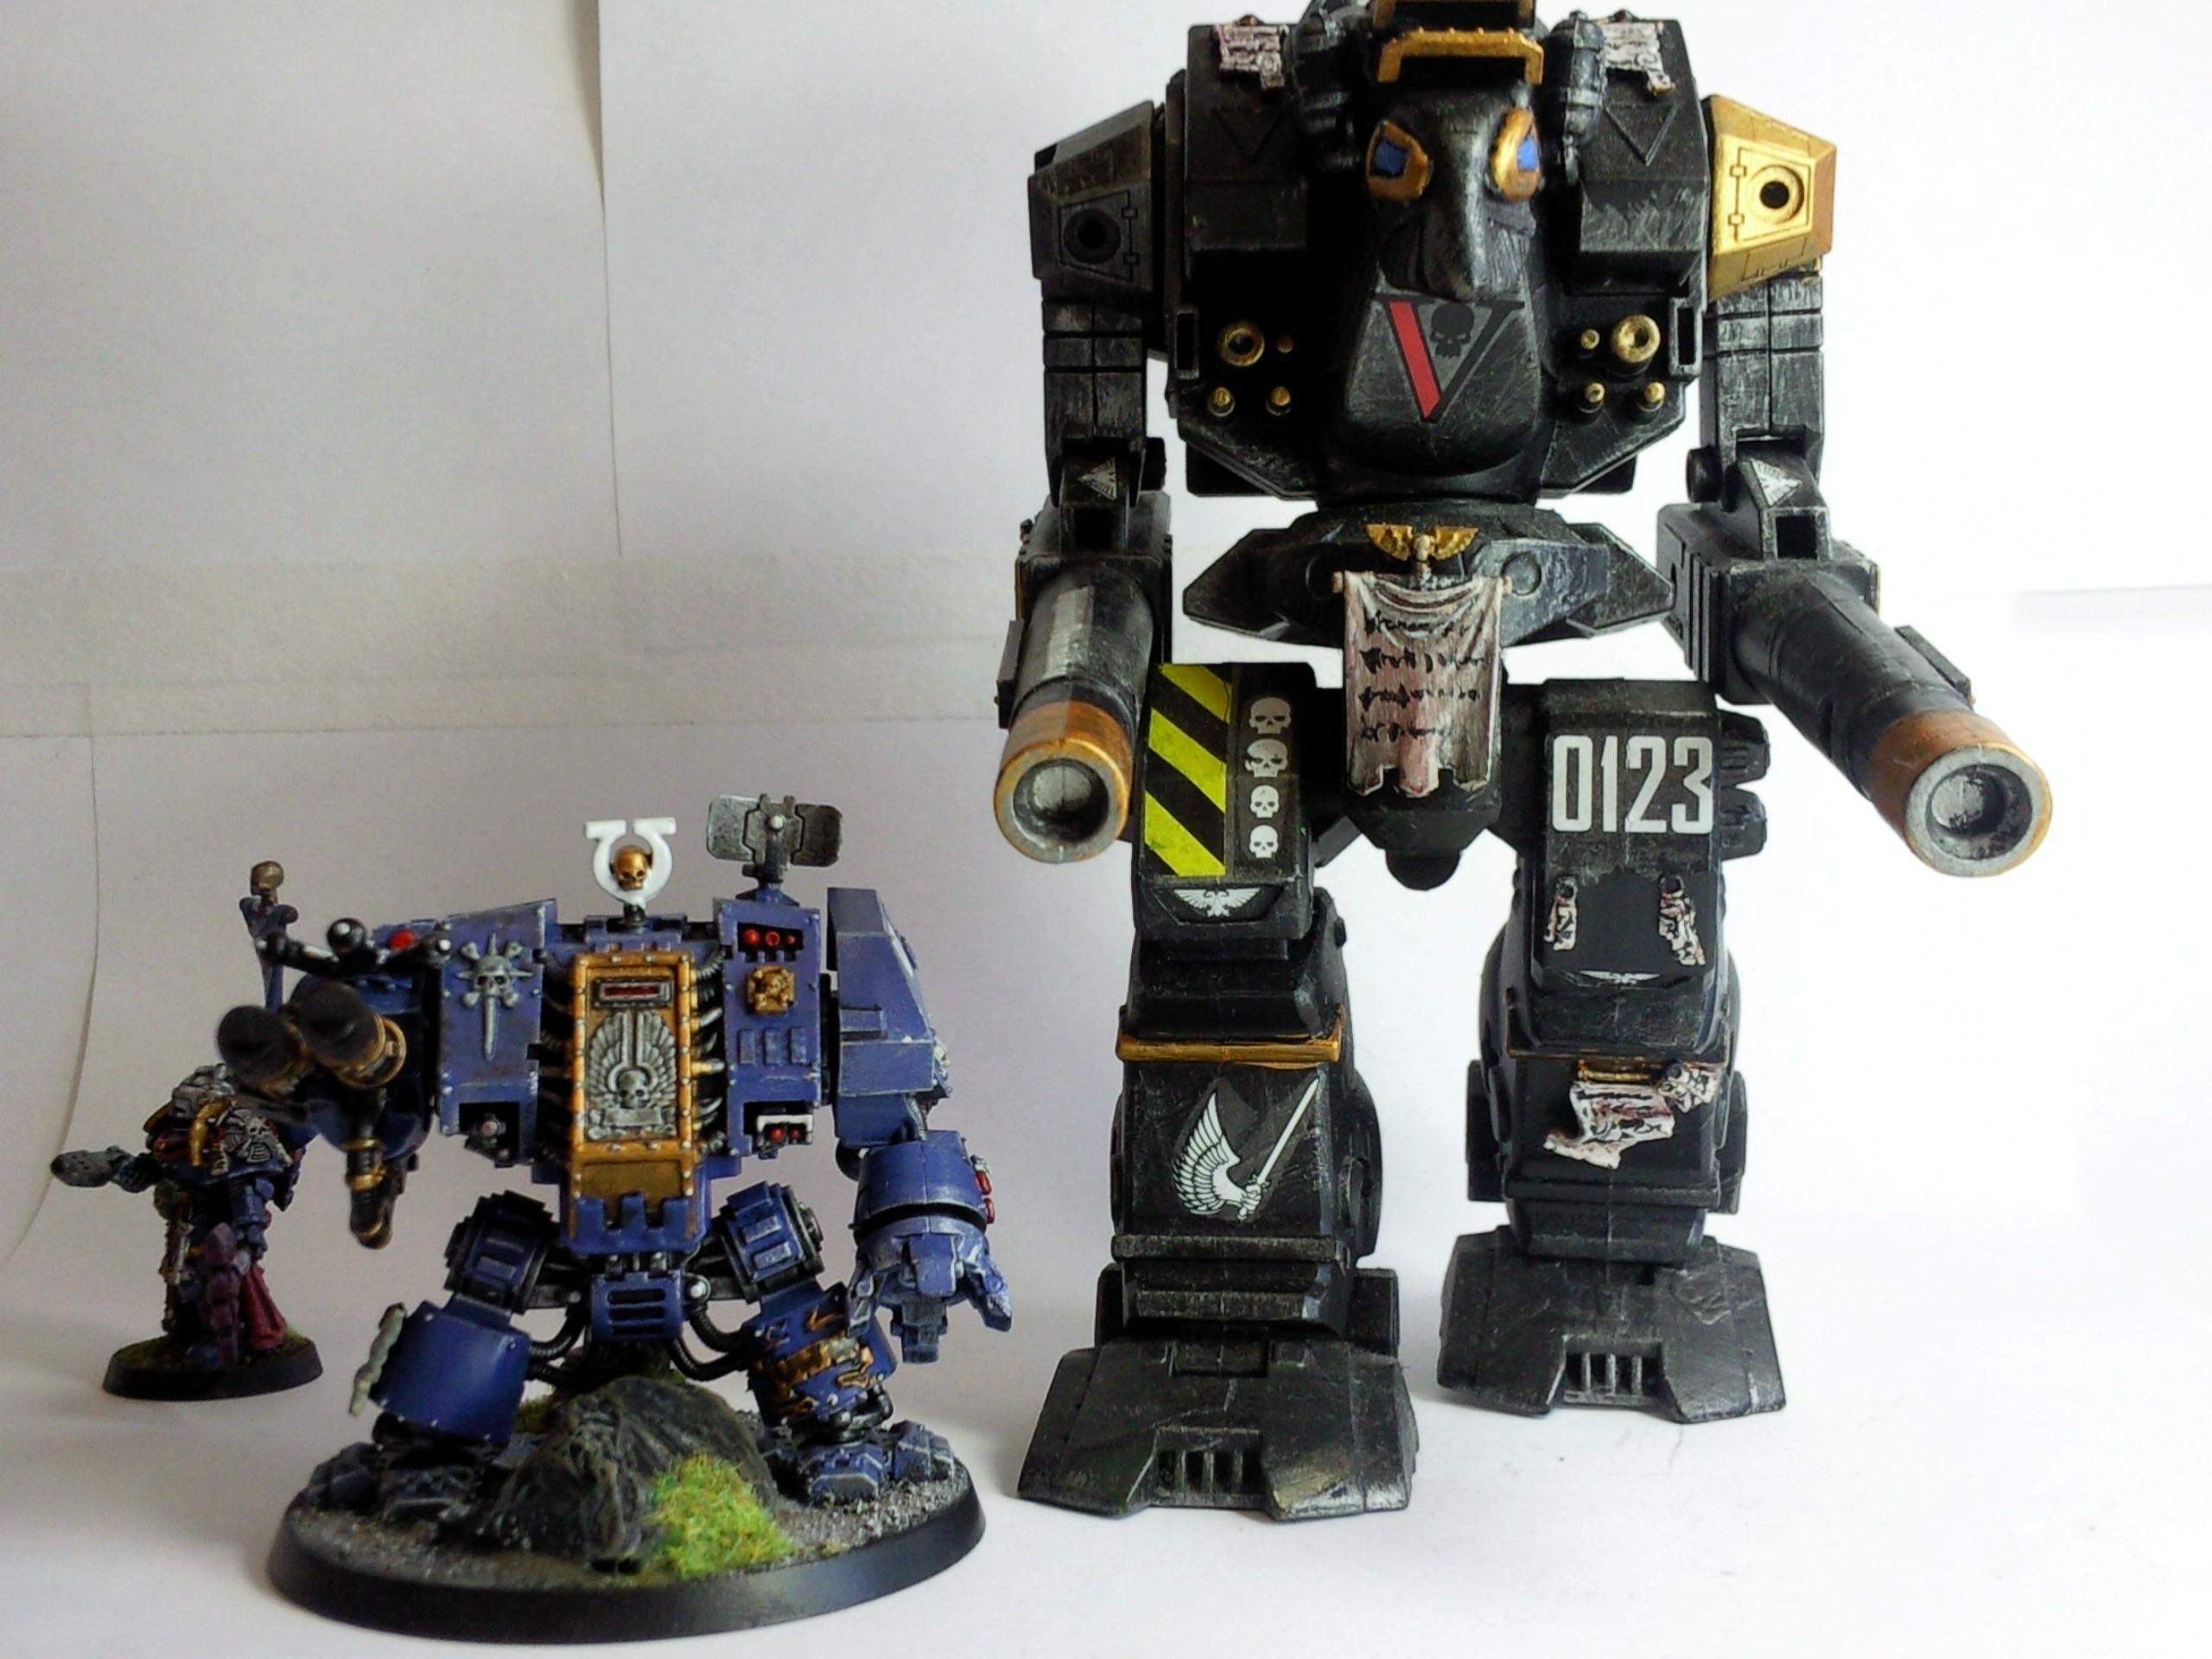 Anime, Apocalypse, Battletech, Legio Astraman, Robotech, Titan